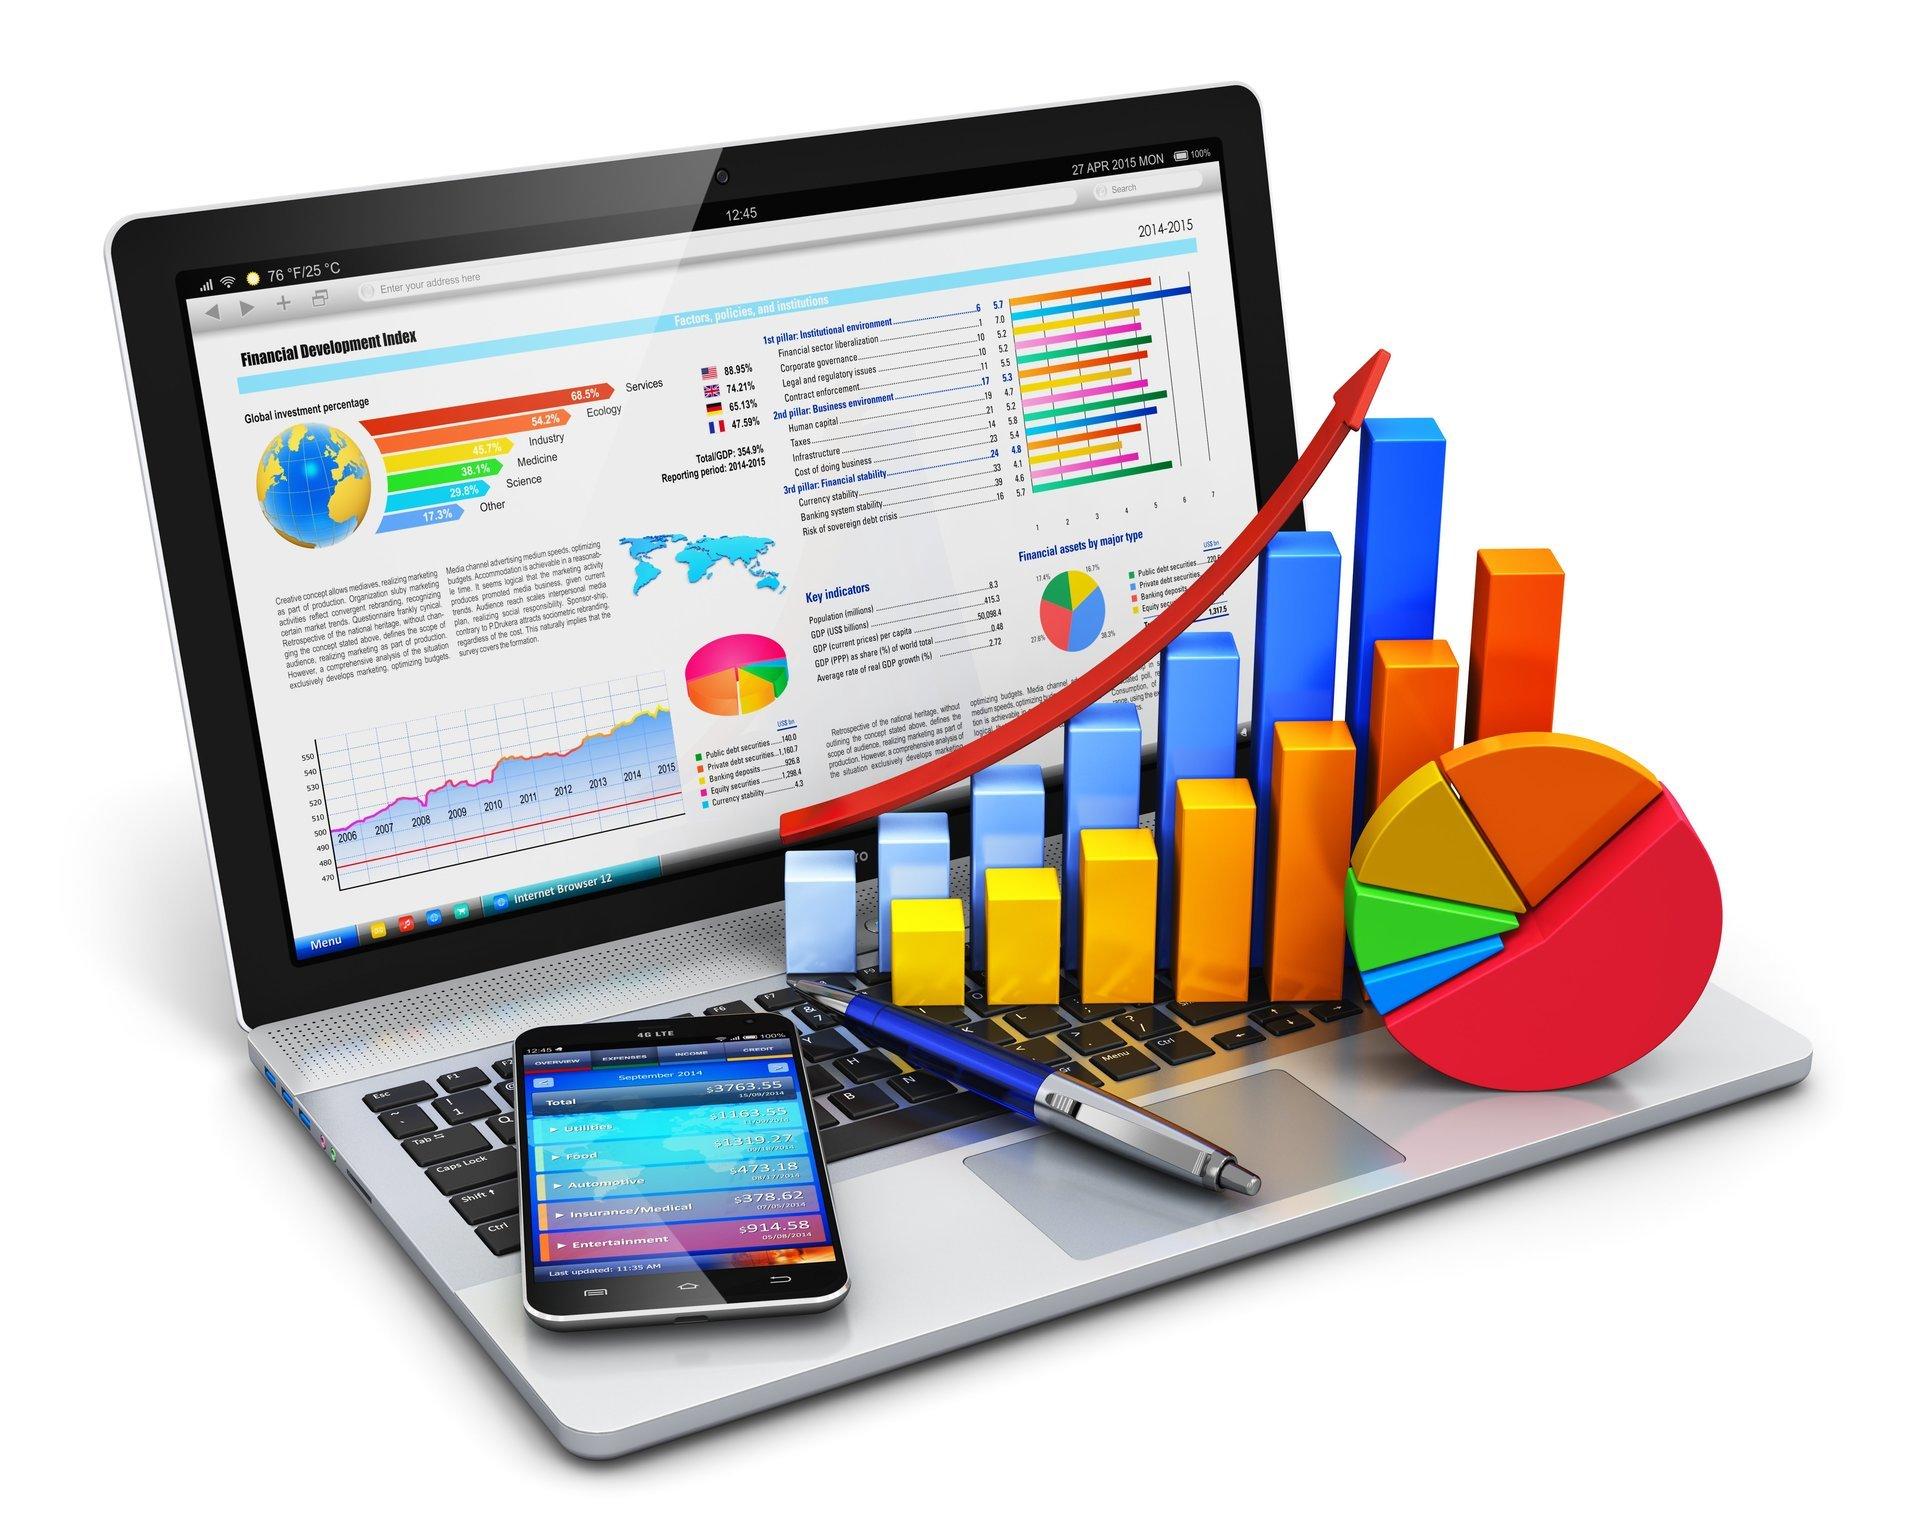 حسابداری ،حسابرسی و کارشناسی رسمی